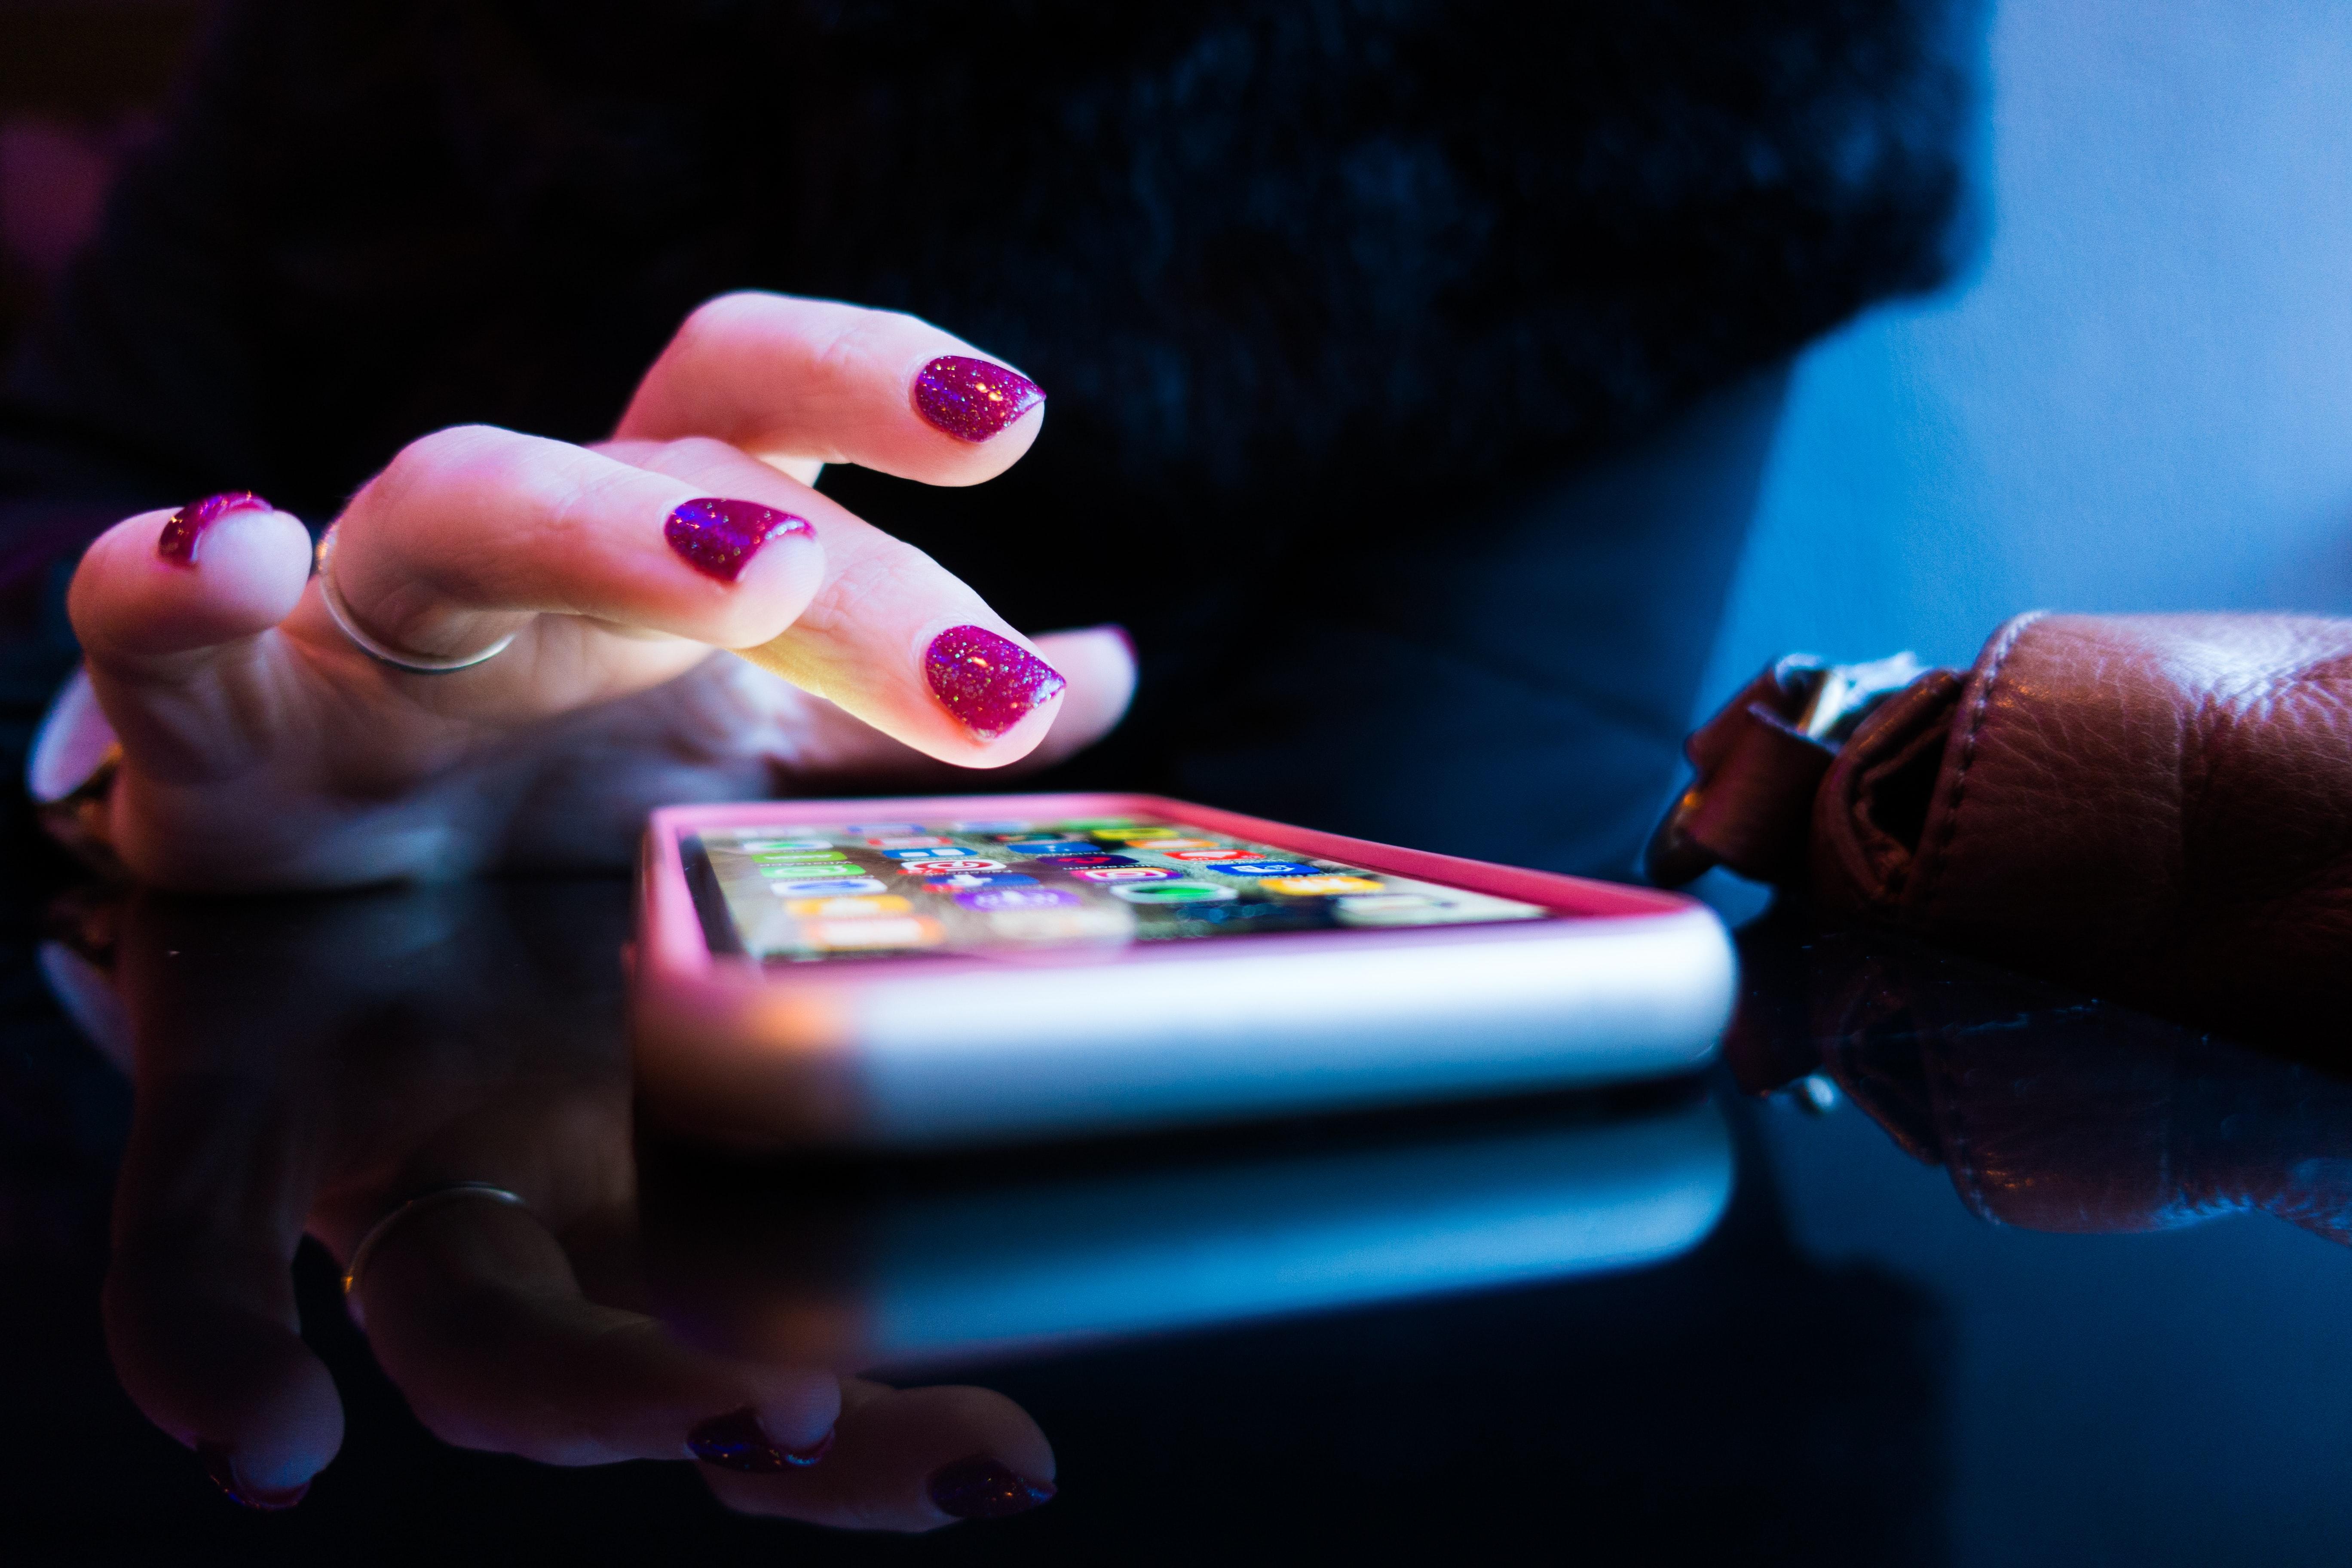 スタンプカードをアプリで発行するメリットは?集客力アップを実現する活用法